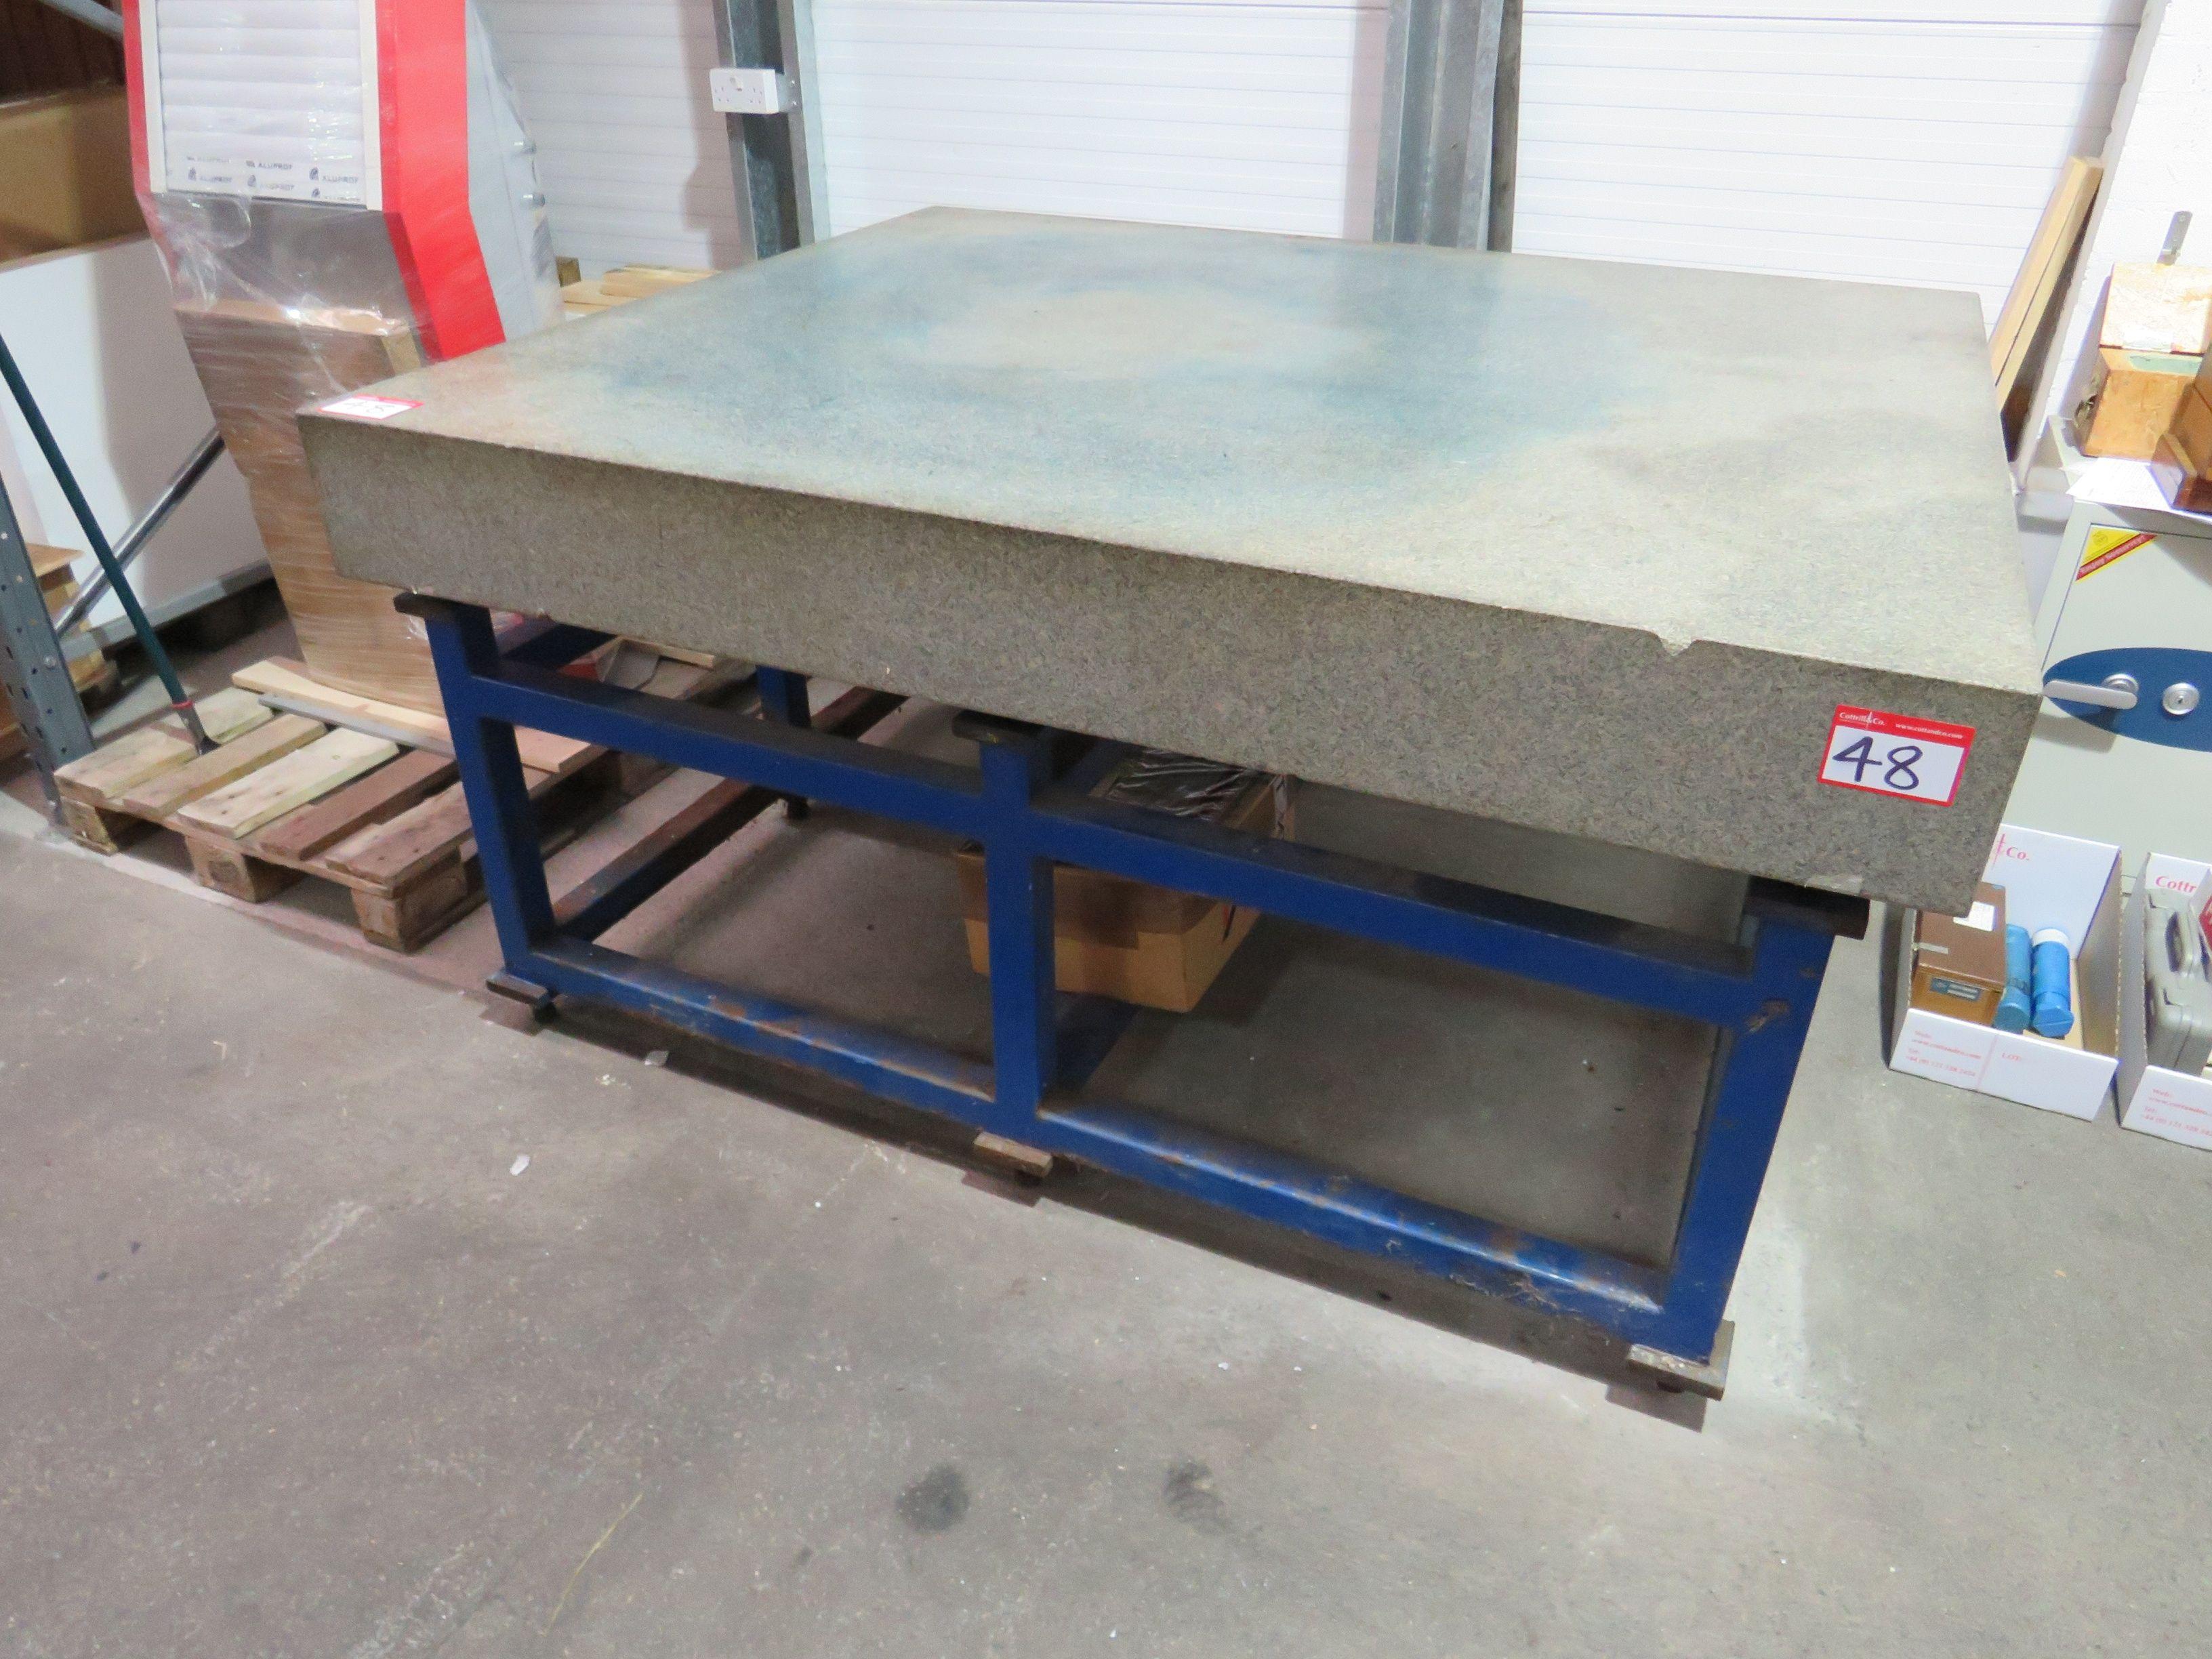 Granit Tisch 1500mm x 1800mm Höhe des Tisches 920mm